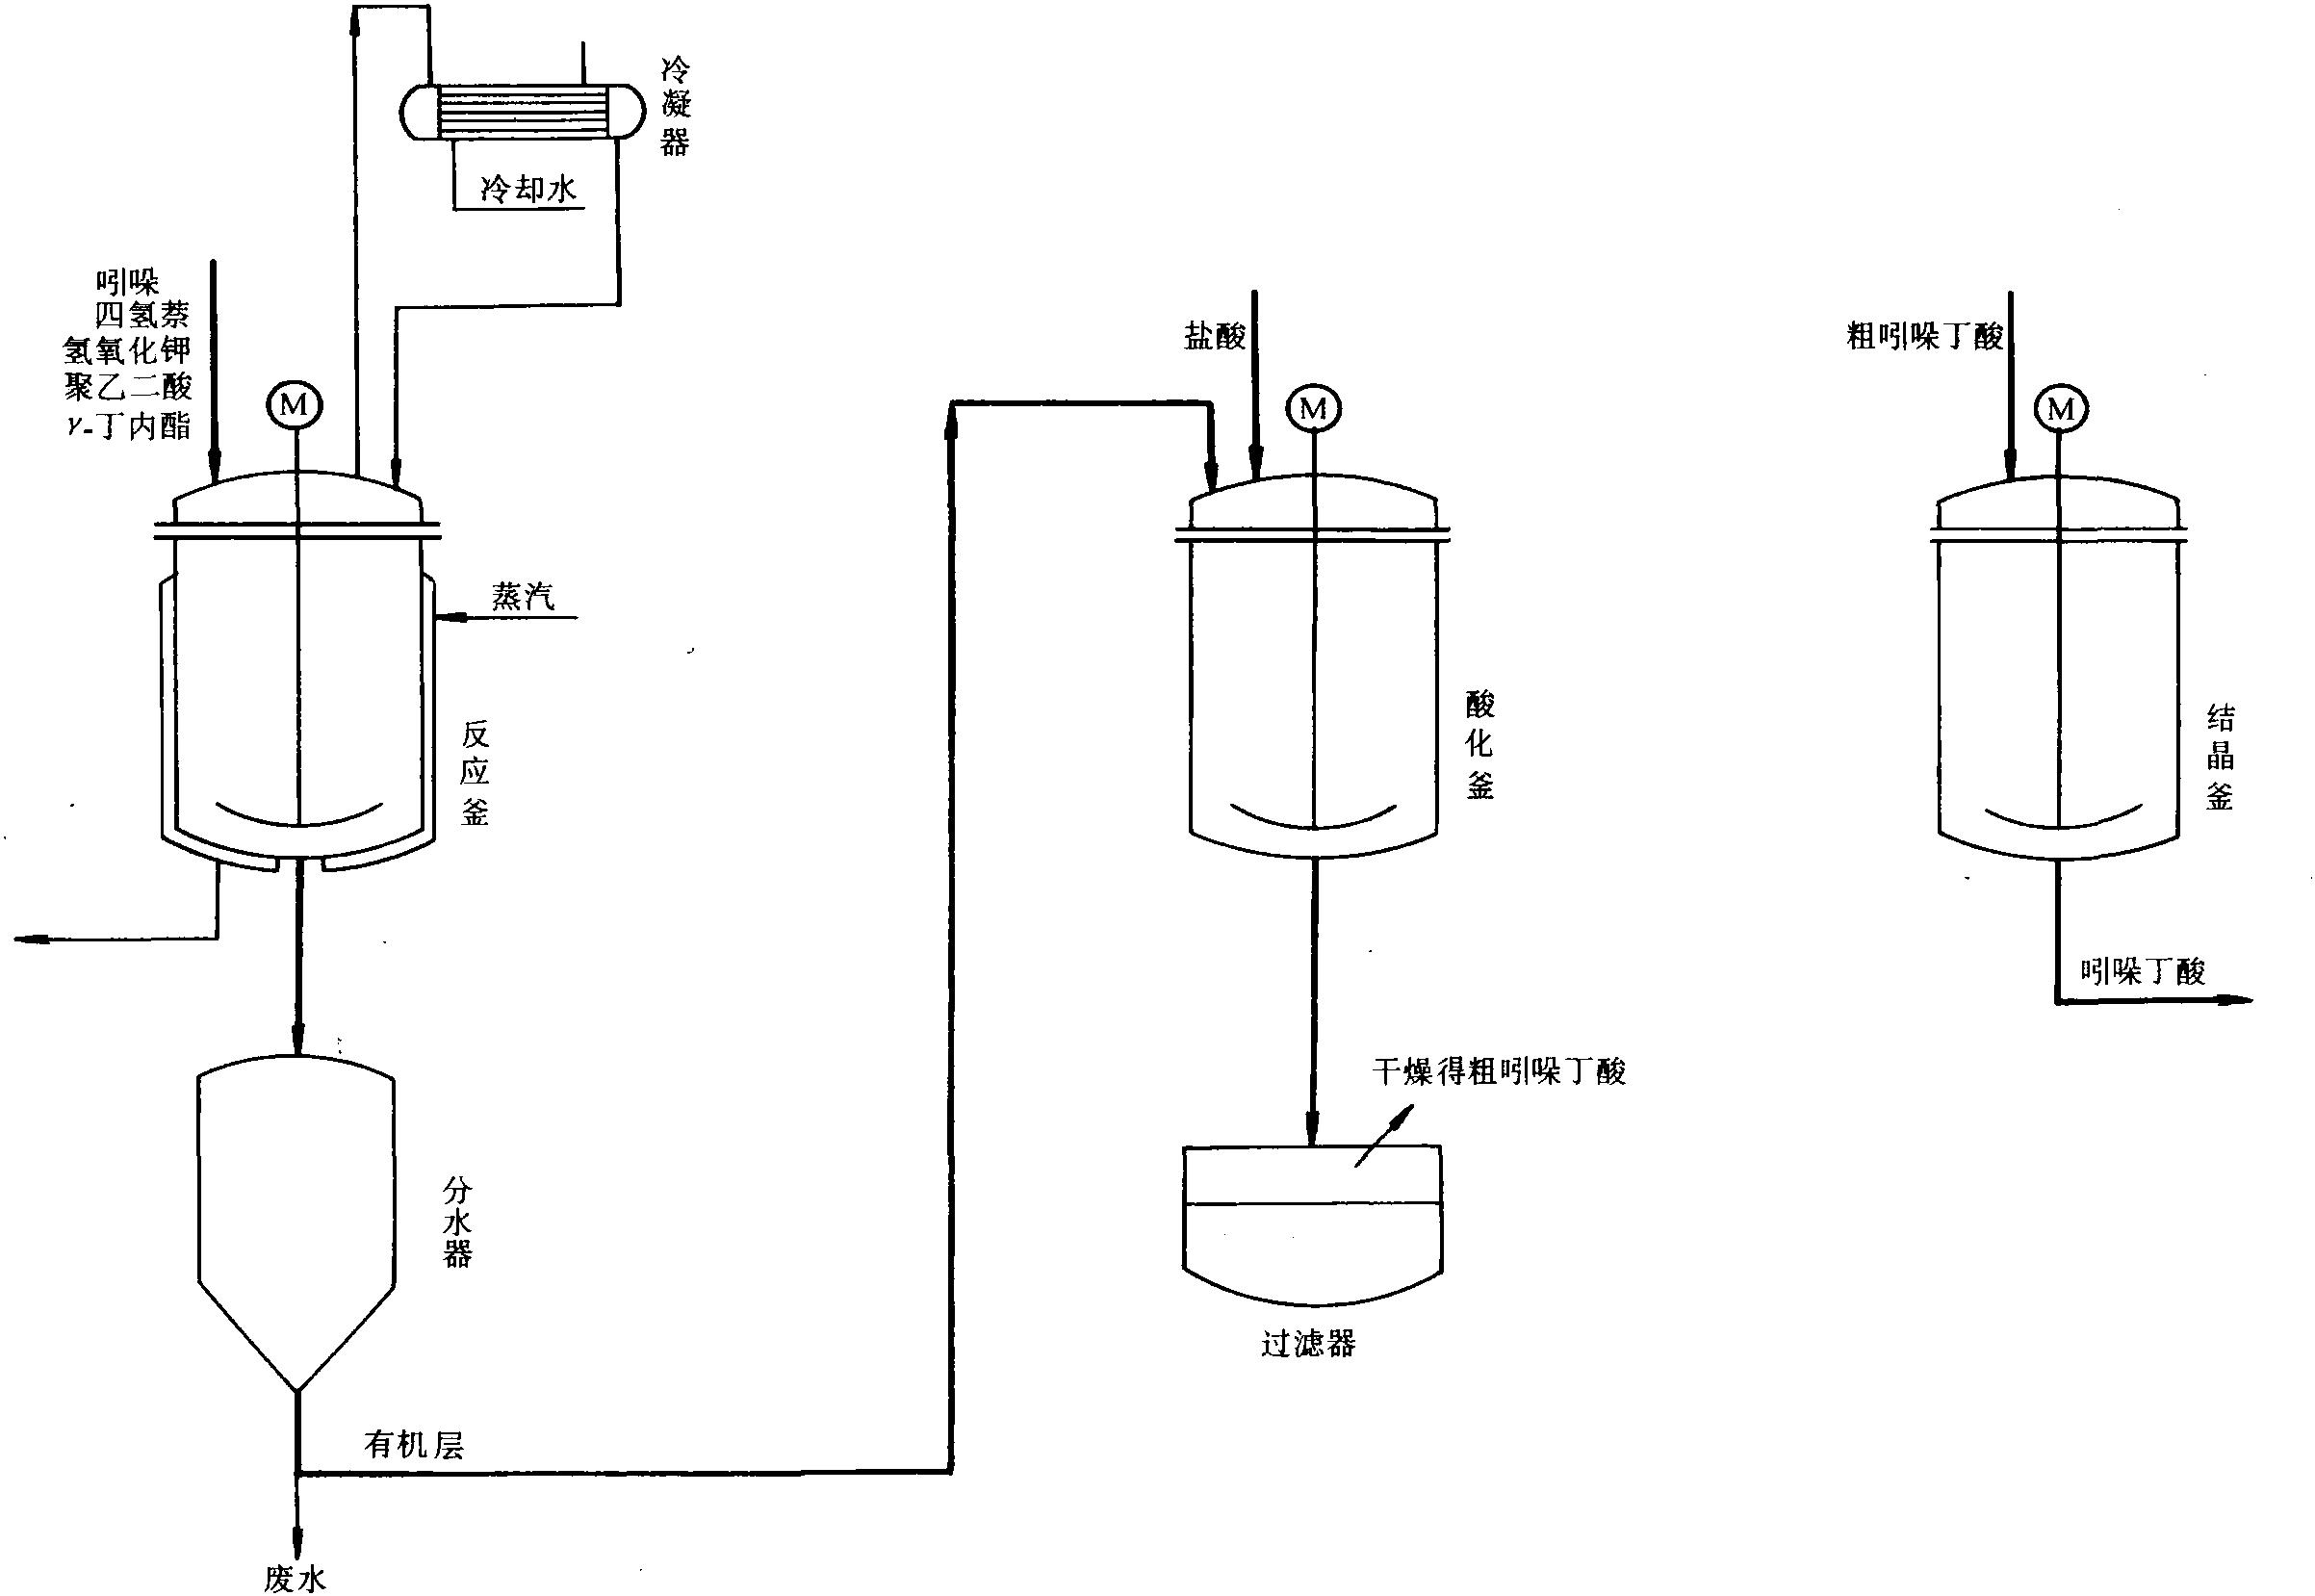 吲哚丁酸生产工艺流程图